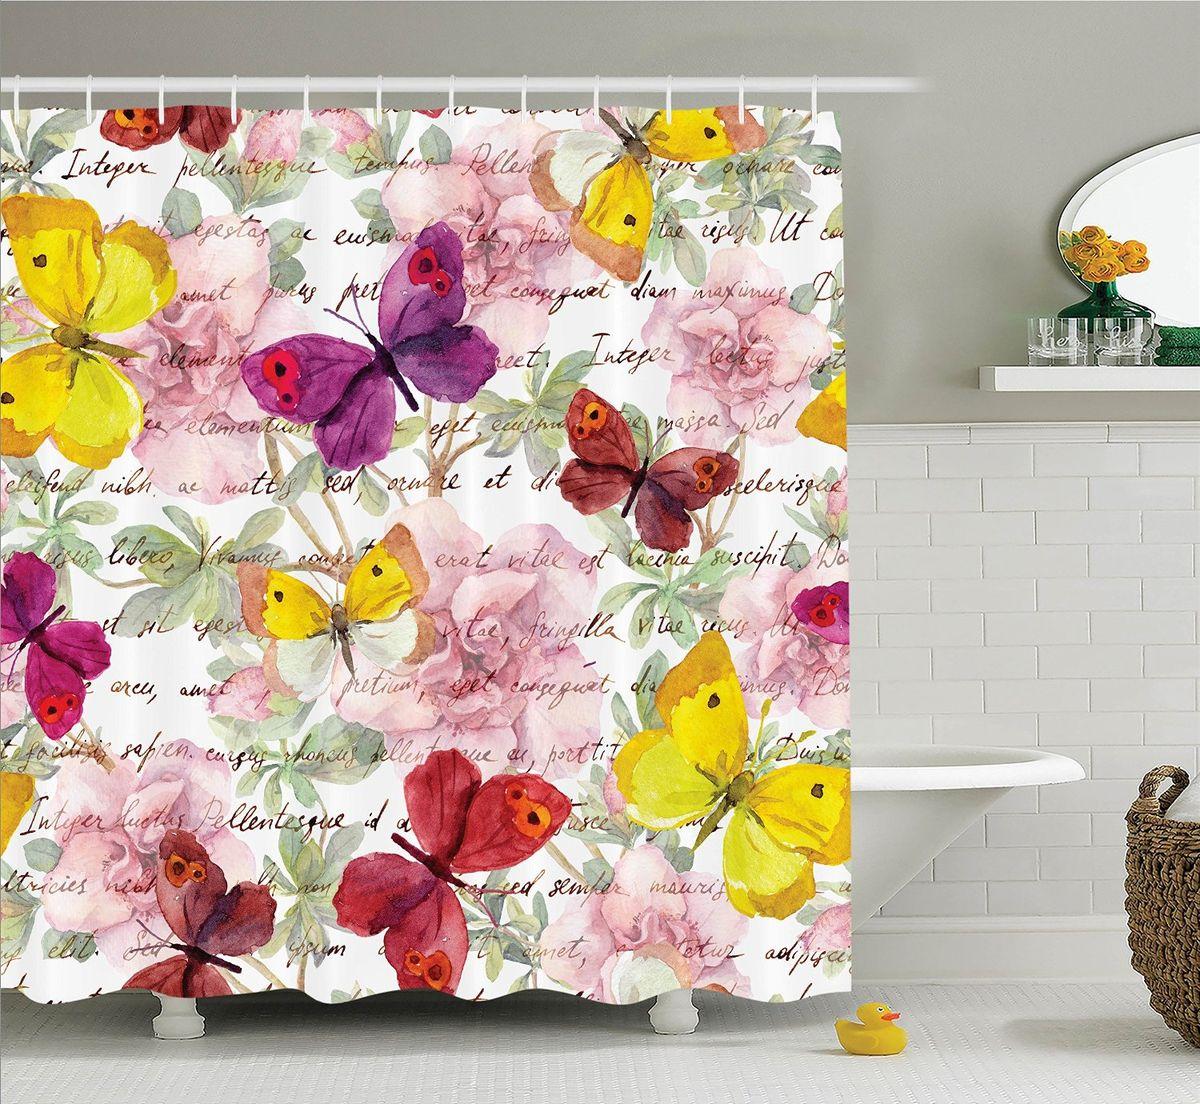 Штора для ванной комнаты Magic Lady Разноцветные бабочки, 180 х 200 смшв_11030Штора для ванной комнаты Magic Lady Разноцветные бабочки выполнена из высококачественного сатена (полиэстер 100%). При изготовлении используются специальные гипоаллергенные чернила. Оригинальный дизайн и цветовая гамма привлекут к себе внимание. Изделие хорошо пропускает свет и быстро высыхает. Такая штора прекрасно впишется в любой интерьер ванной комнаты и идеально защитит от брызг.